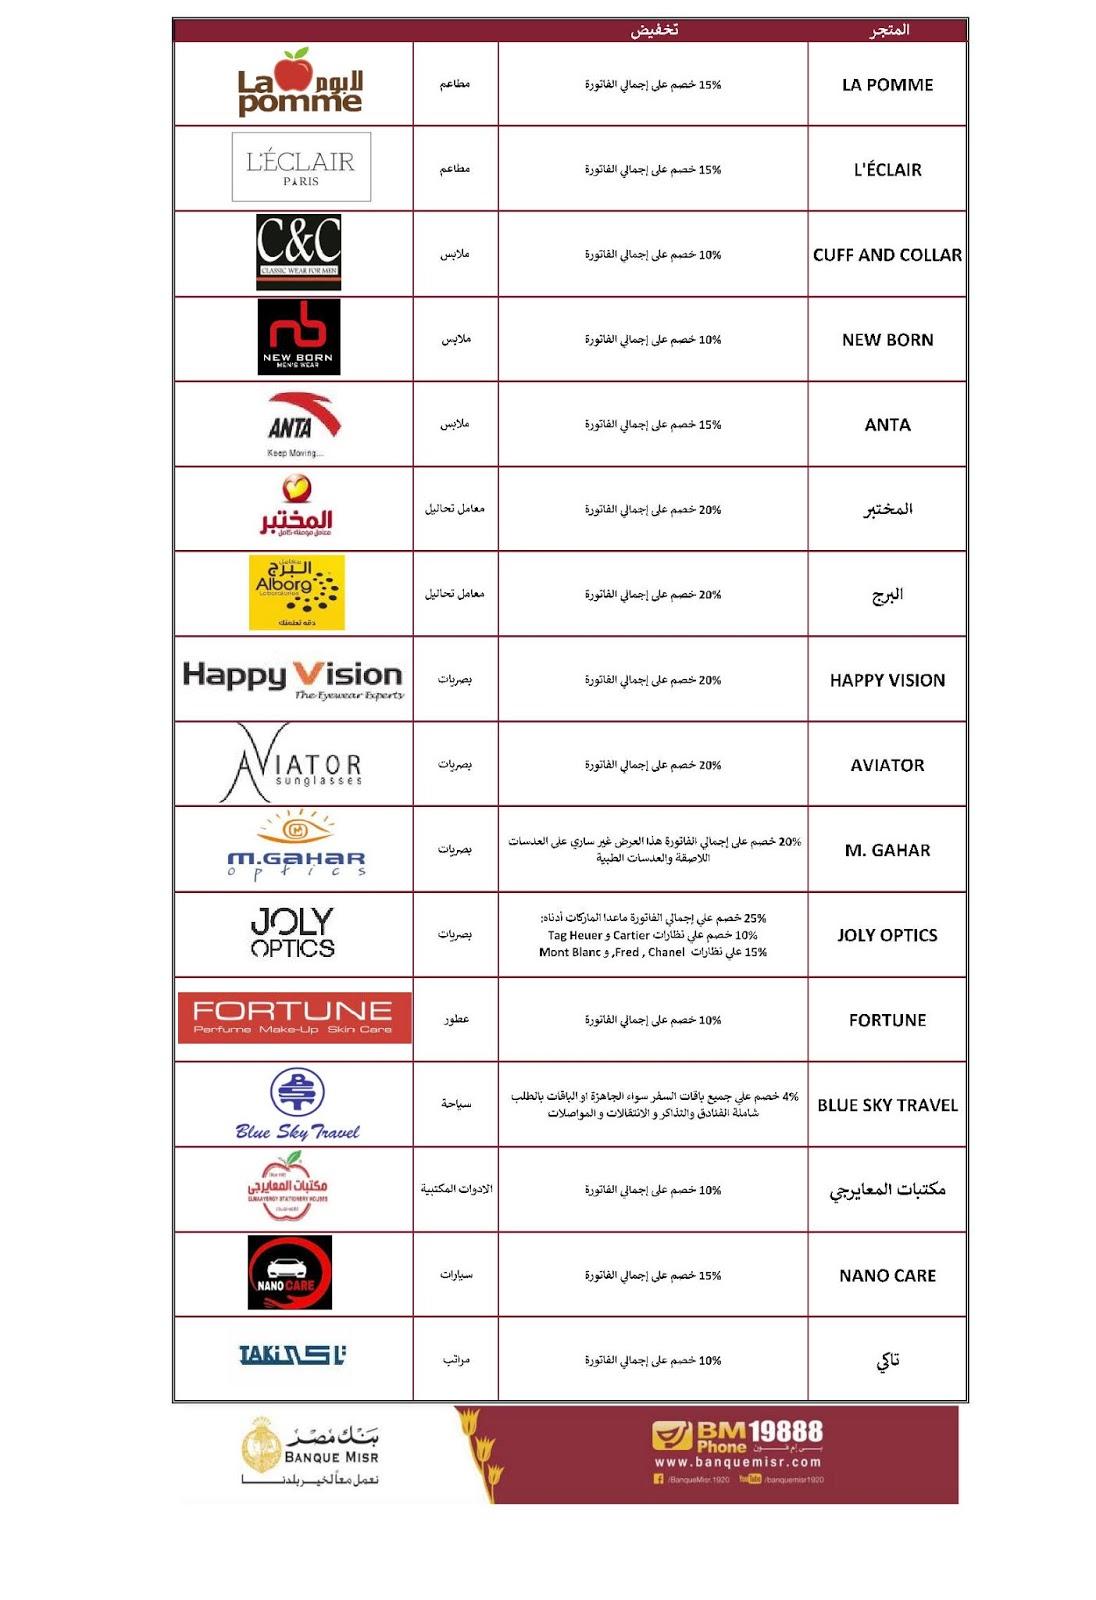 اماكن تقسيط فيزا بنك مصر بدون فوائد 2018